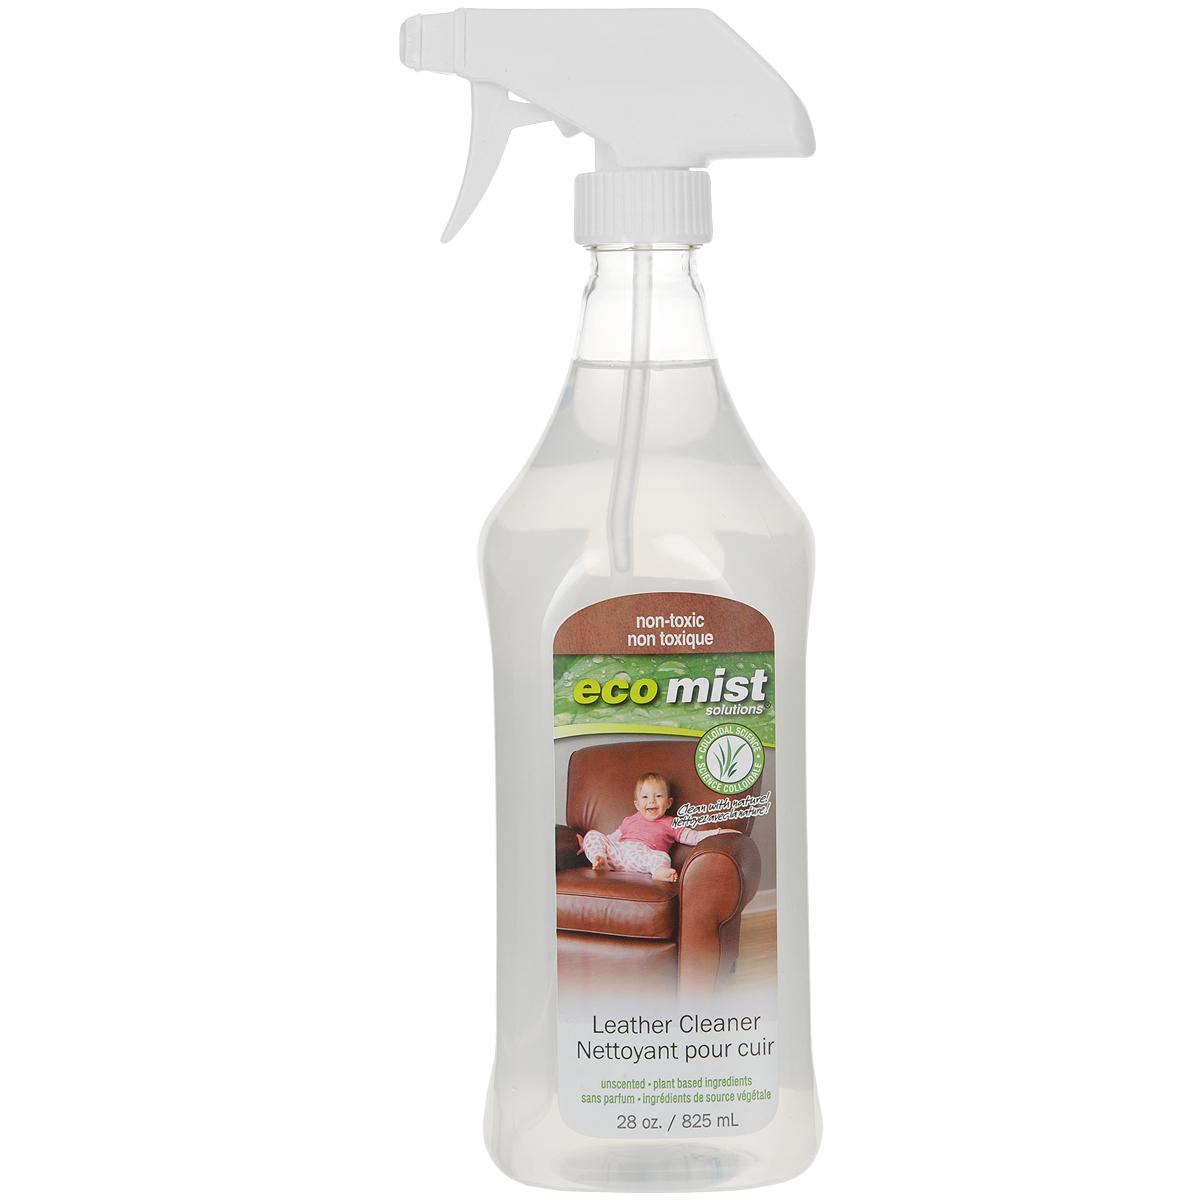 Средство для чистки натуральной кожи Eco Mist, 825 млEM825XXLCTR06EFLИзвестно,что очень сложно почистить профессионально в домашних условиях кожаную цветную мебель, т.к химические компоненты могут негативно сказаться на цвете, а также требуется дополнительное средство для пропитки. Инновационная формула средства Eco Mist на водной основе эффективно очищает, защищает от повторного загрязнения. Мебель приобретает первоначальный ухоженный и чистый вид. Состав: дехлорированная вода, экстракт зерновых, древесный сок, экстракт кукурузы, экстракт картофеля.